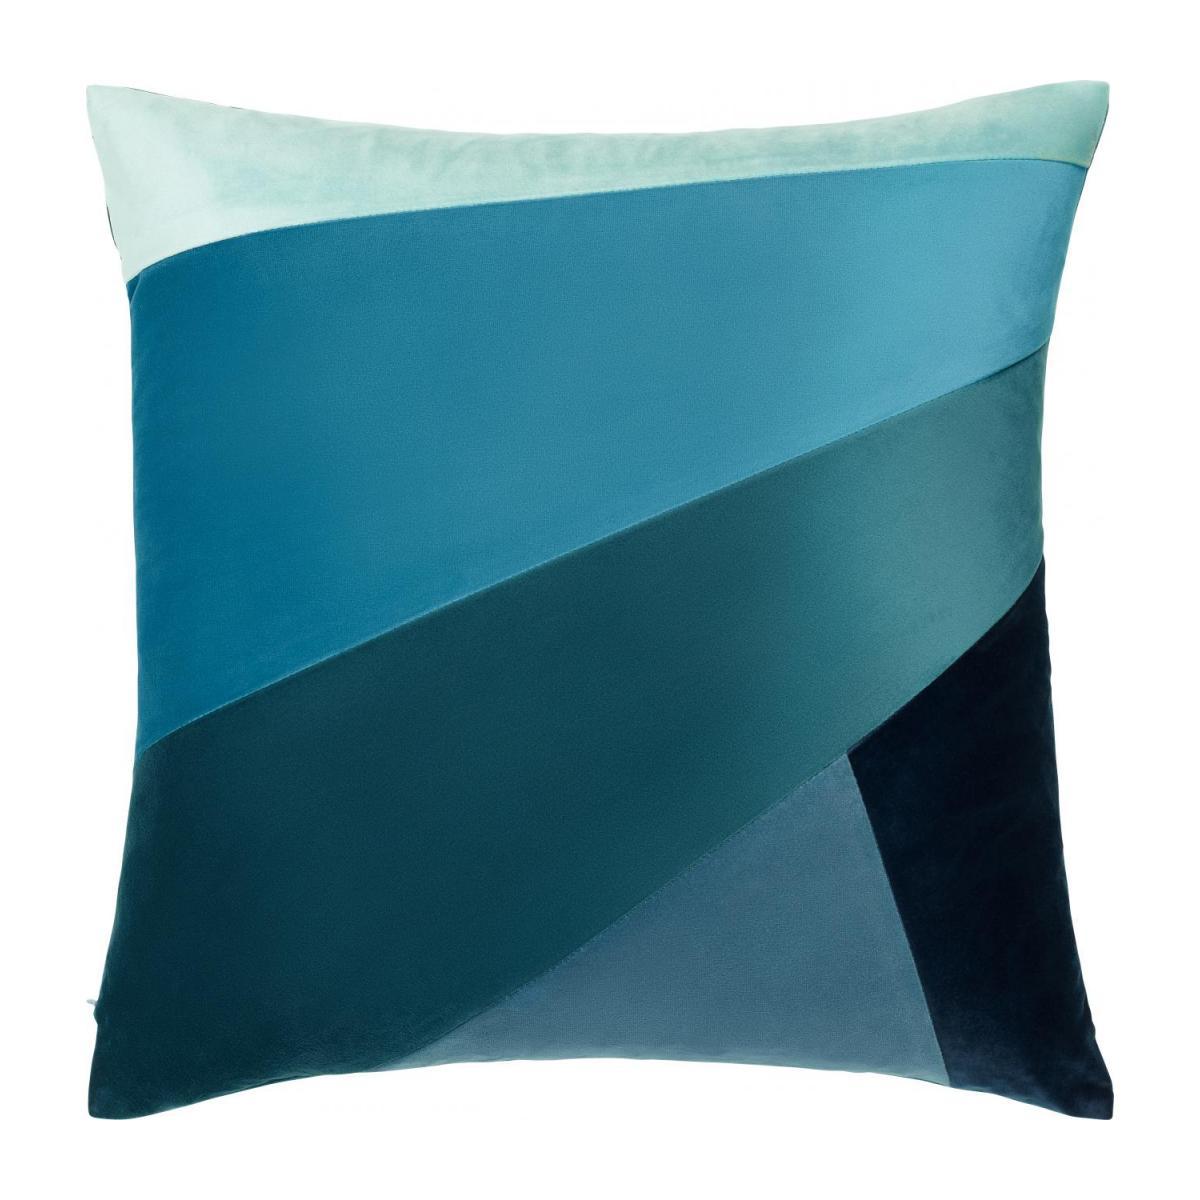 Coussin - Patchwork - Bleu - Design By Floriane Jacques à Coussin Bleu Turquoise